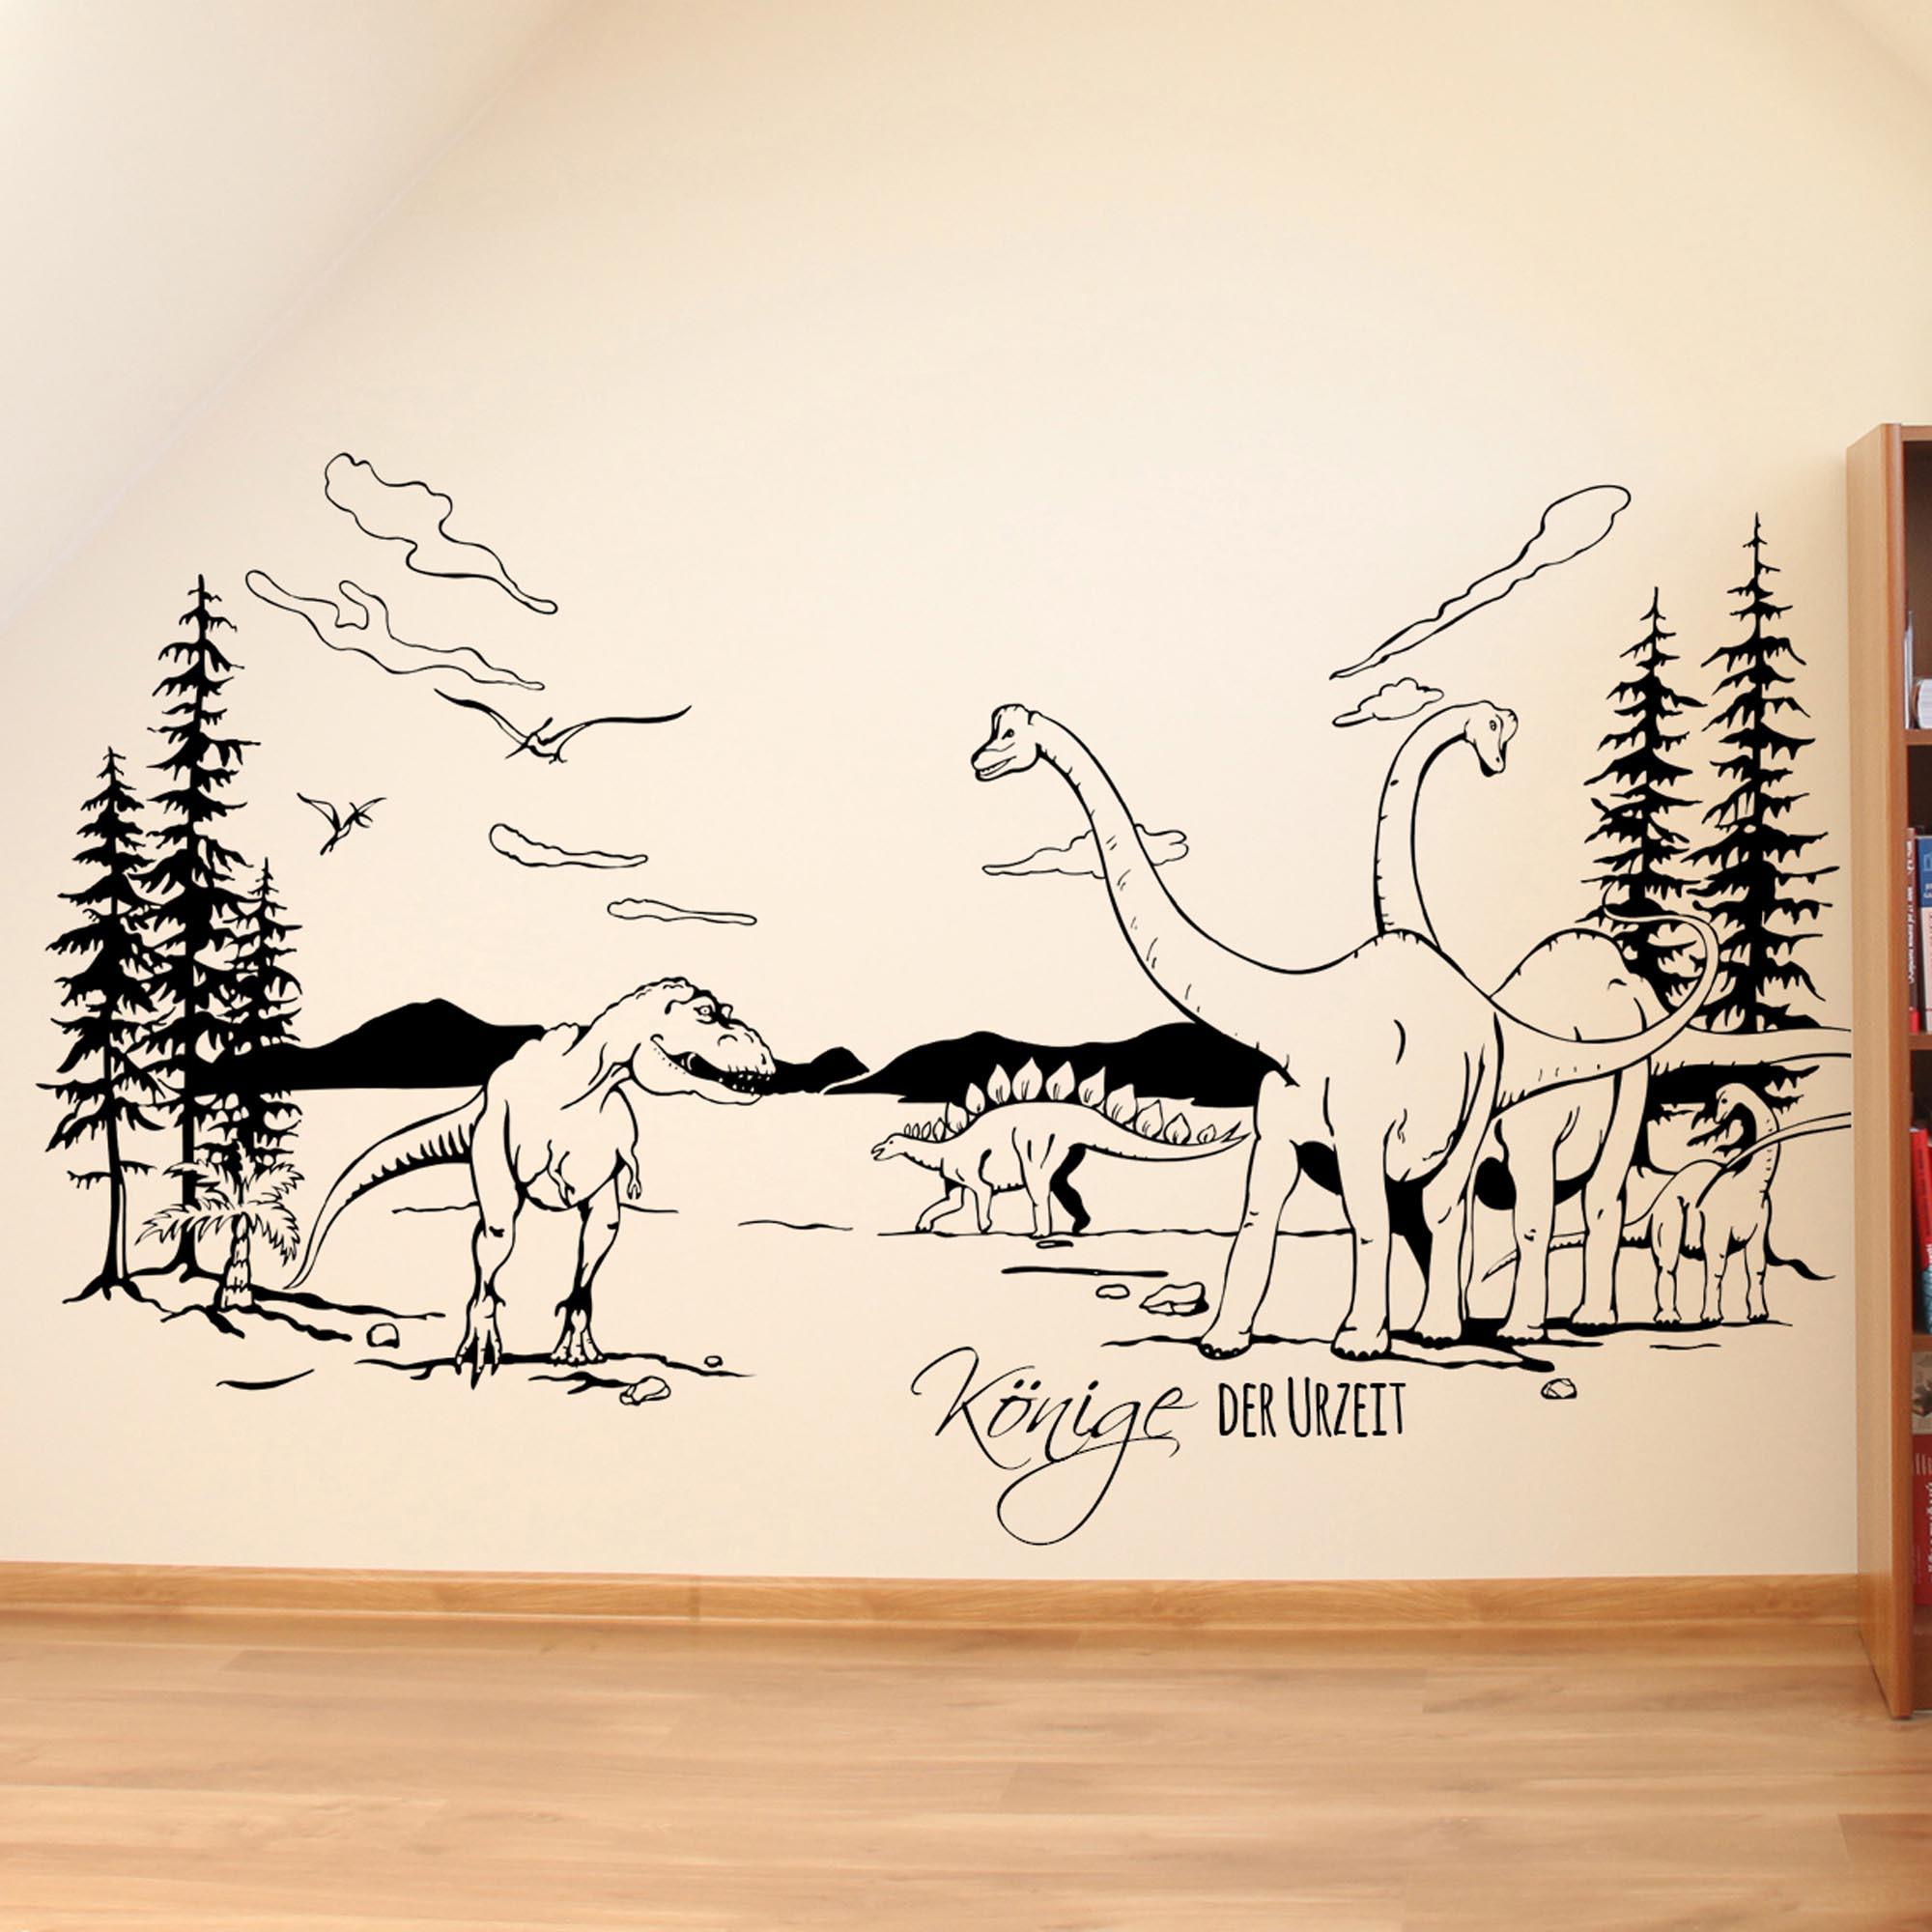 Wandtattoo dinosaurier t rex landschaft mit spruch k nige - Wandtattoos dinosaurier ...